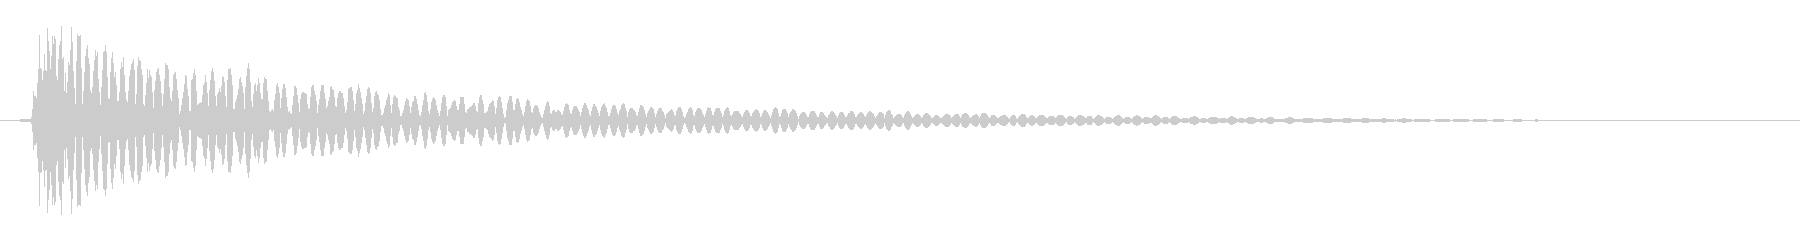 ドン(太鼓を叩いたようなキレの良い低音)の未再生の波形